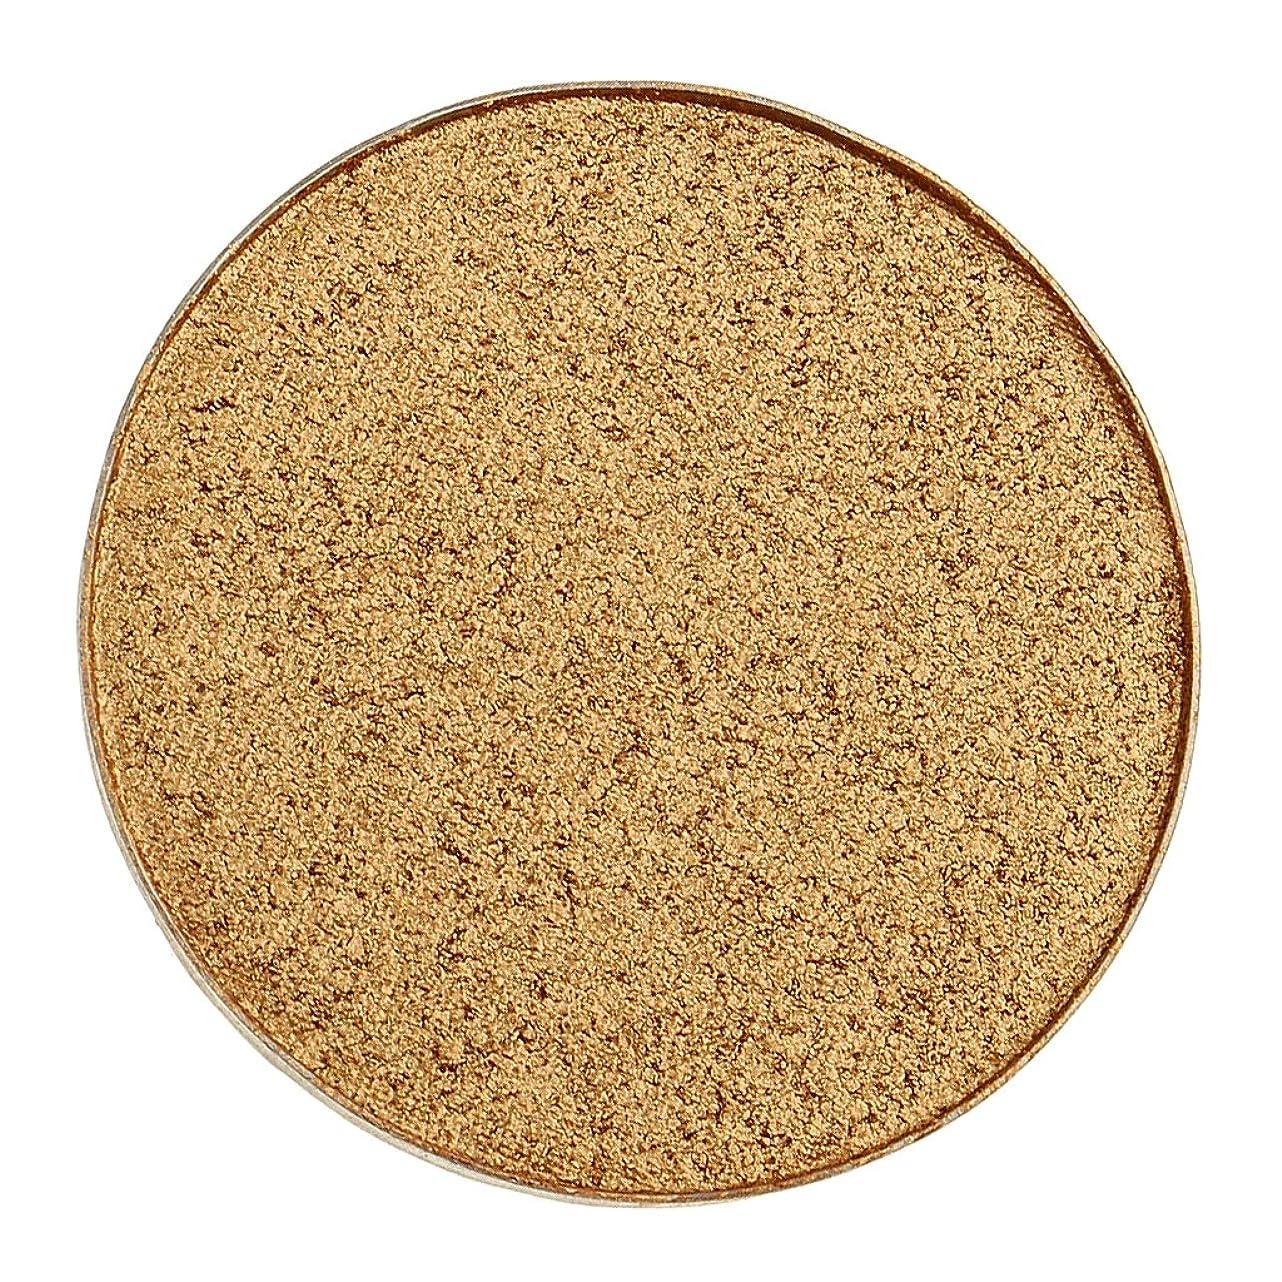 設計記者乳製品Baosity 化粧品用 アイシャドウ ハイライター パレット マット シマー アイシャドーメイク 目 魅力的 全5色 - #28ゴールド